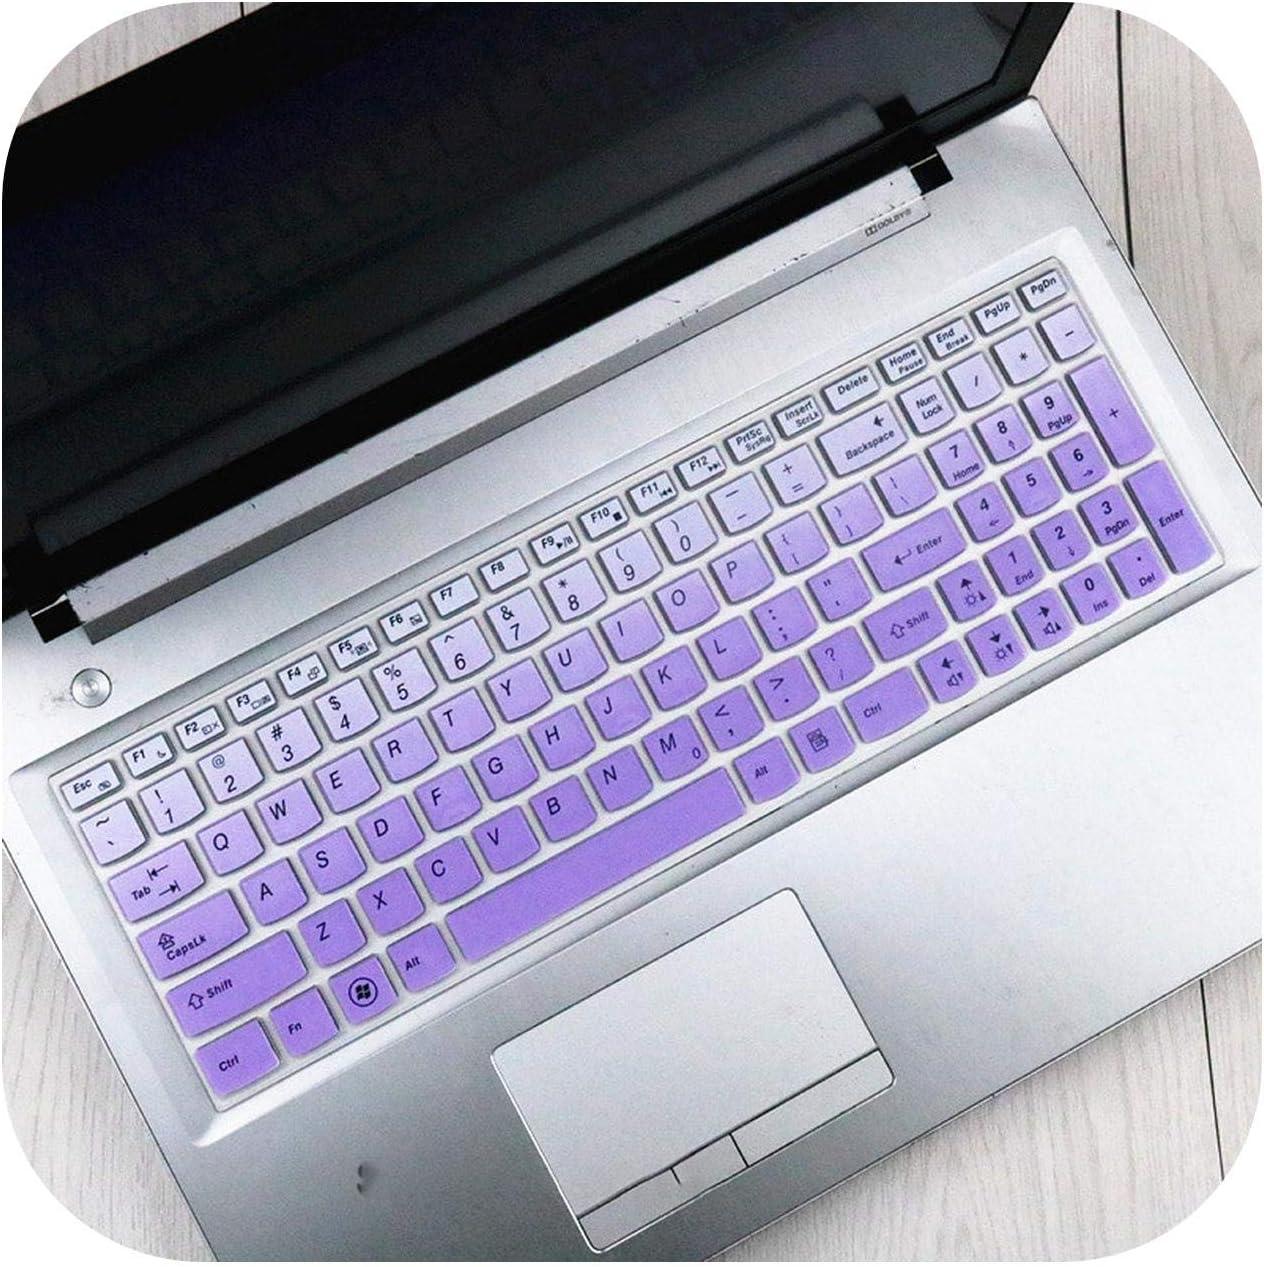 17.3 15.6 Inch Keyboard Protector Cover Skin for Lenovo Ideapad 700-15Isk Y700-15 Y700 700-15 Z510 Z50 G50-80 Y50-70 Y500-Gradualpurple